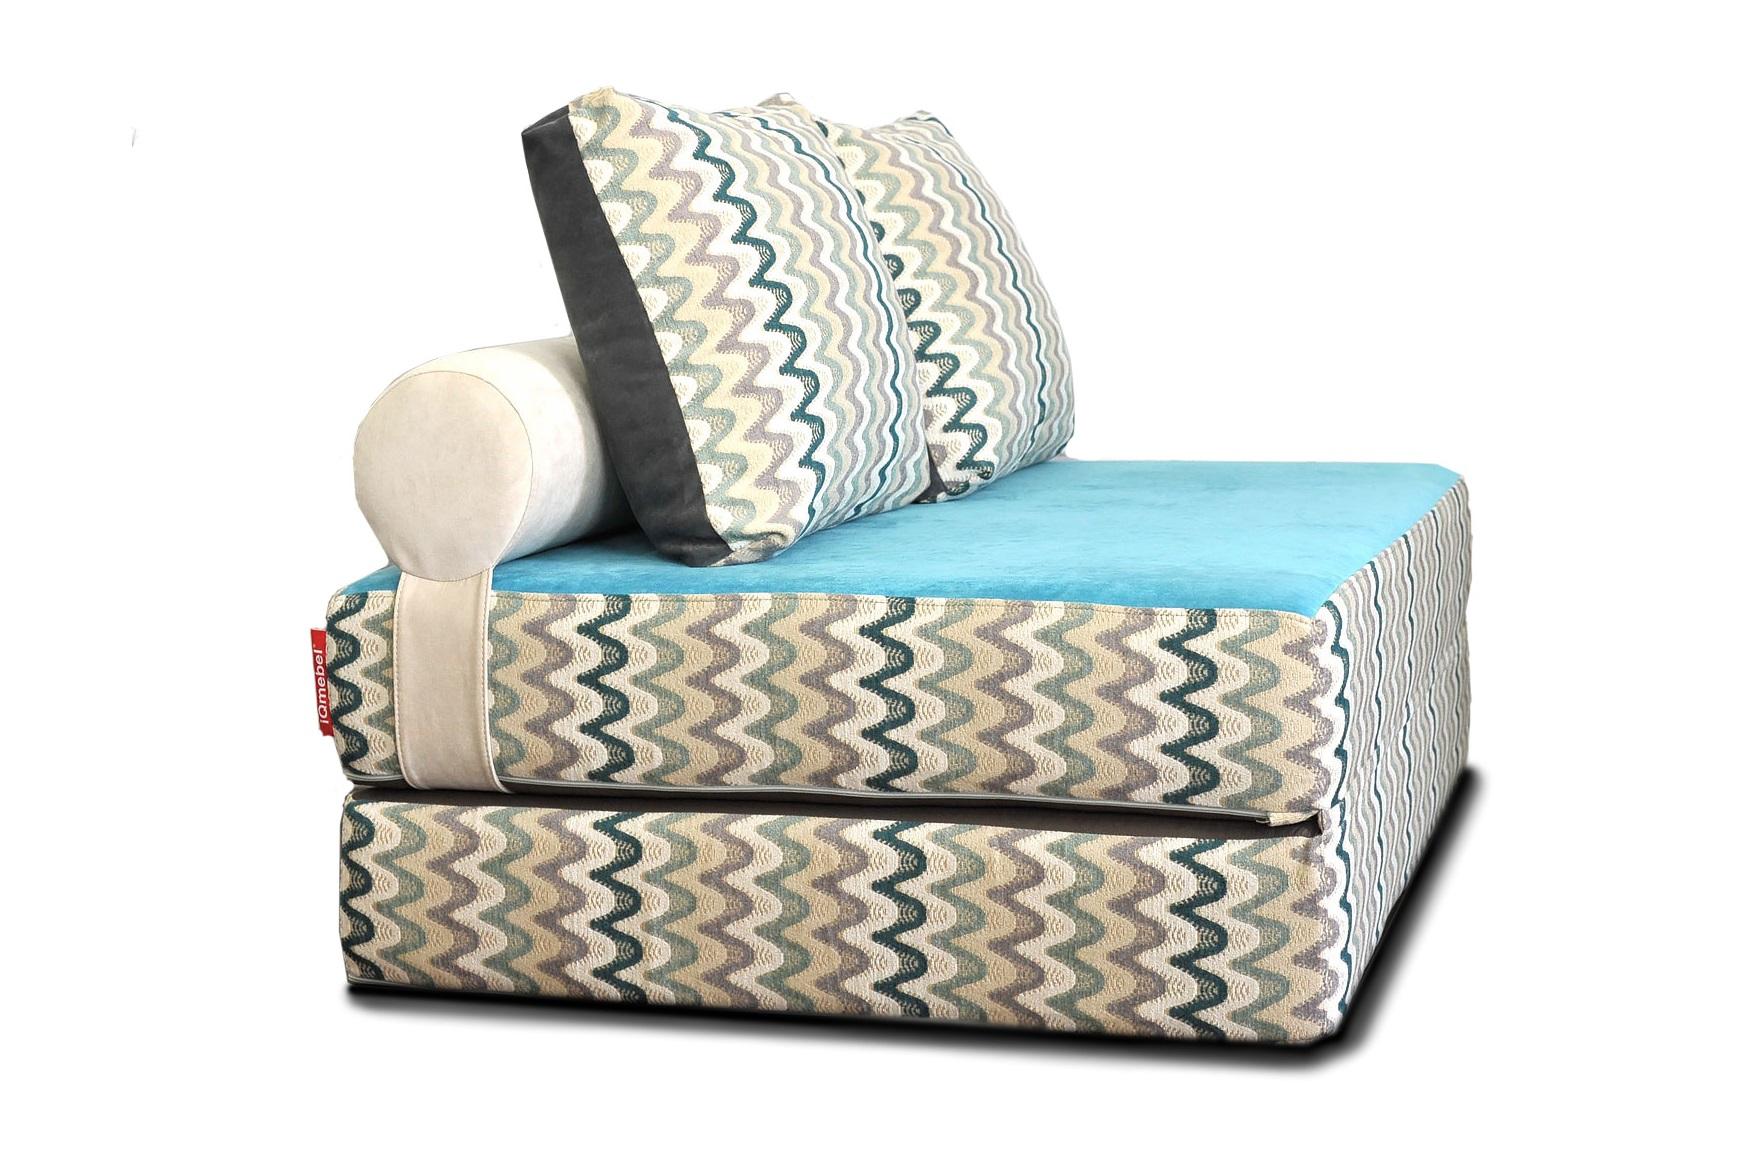 Диван-кровать Costa ЛимаПрямые раскладные диваны<br>Бескаркасное кресло-кровать из коллекции IQMebel  - это одновременно и уютный диванчик для двоих и полноценная двуспальная  кровать (размером 140*200). Оно экономит место в вашей квартире. Кресло–кровать незаменимо, когда к вам неожиданно нагрянули гости с ночевкой. В отличии от стандартной корпусной мебели его можно с легкостью передвигать с места на место, ведь его вес всего 25 кг. Отсутствие твердых элементов гарантирует вашу безопасность и защиту от травм. Габариты: ширина 140 см., длина 100см. (в сложенном виде), длина 200см. (в разложенном).&amp;amp;nbsp;&amp;lt;div&amp;gt;&amp;lt;br&amp;gt;&amp;lt;/div&amp;gt;&amp;lt;div&amp;gt;Ткань: внешний чехол – шенилл.&amp;amp;nbsp;&amp;lt;/div&amp;gt;&amp;lt;div&amp;gt;Внутренний чехол – есть, нейлон-хлопок.&amp;lt;/div&amp;gt;<br><br>Material: Текстиль<br>Length см: None<br>Width см: 100<br>Depth см: 140<br>Height см: 40